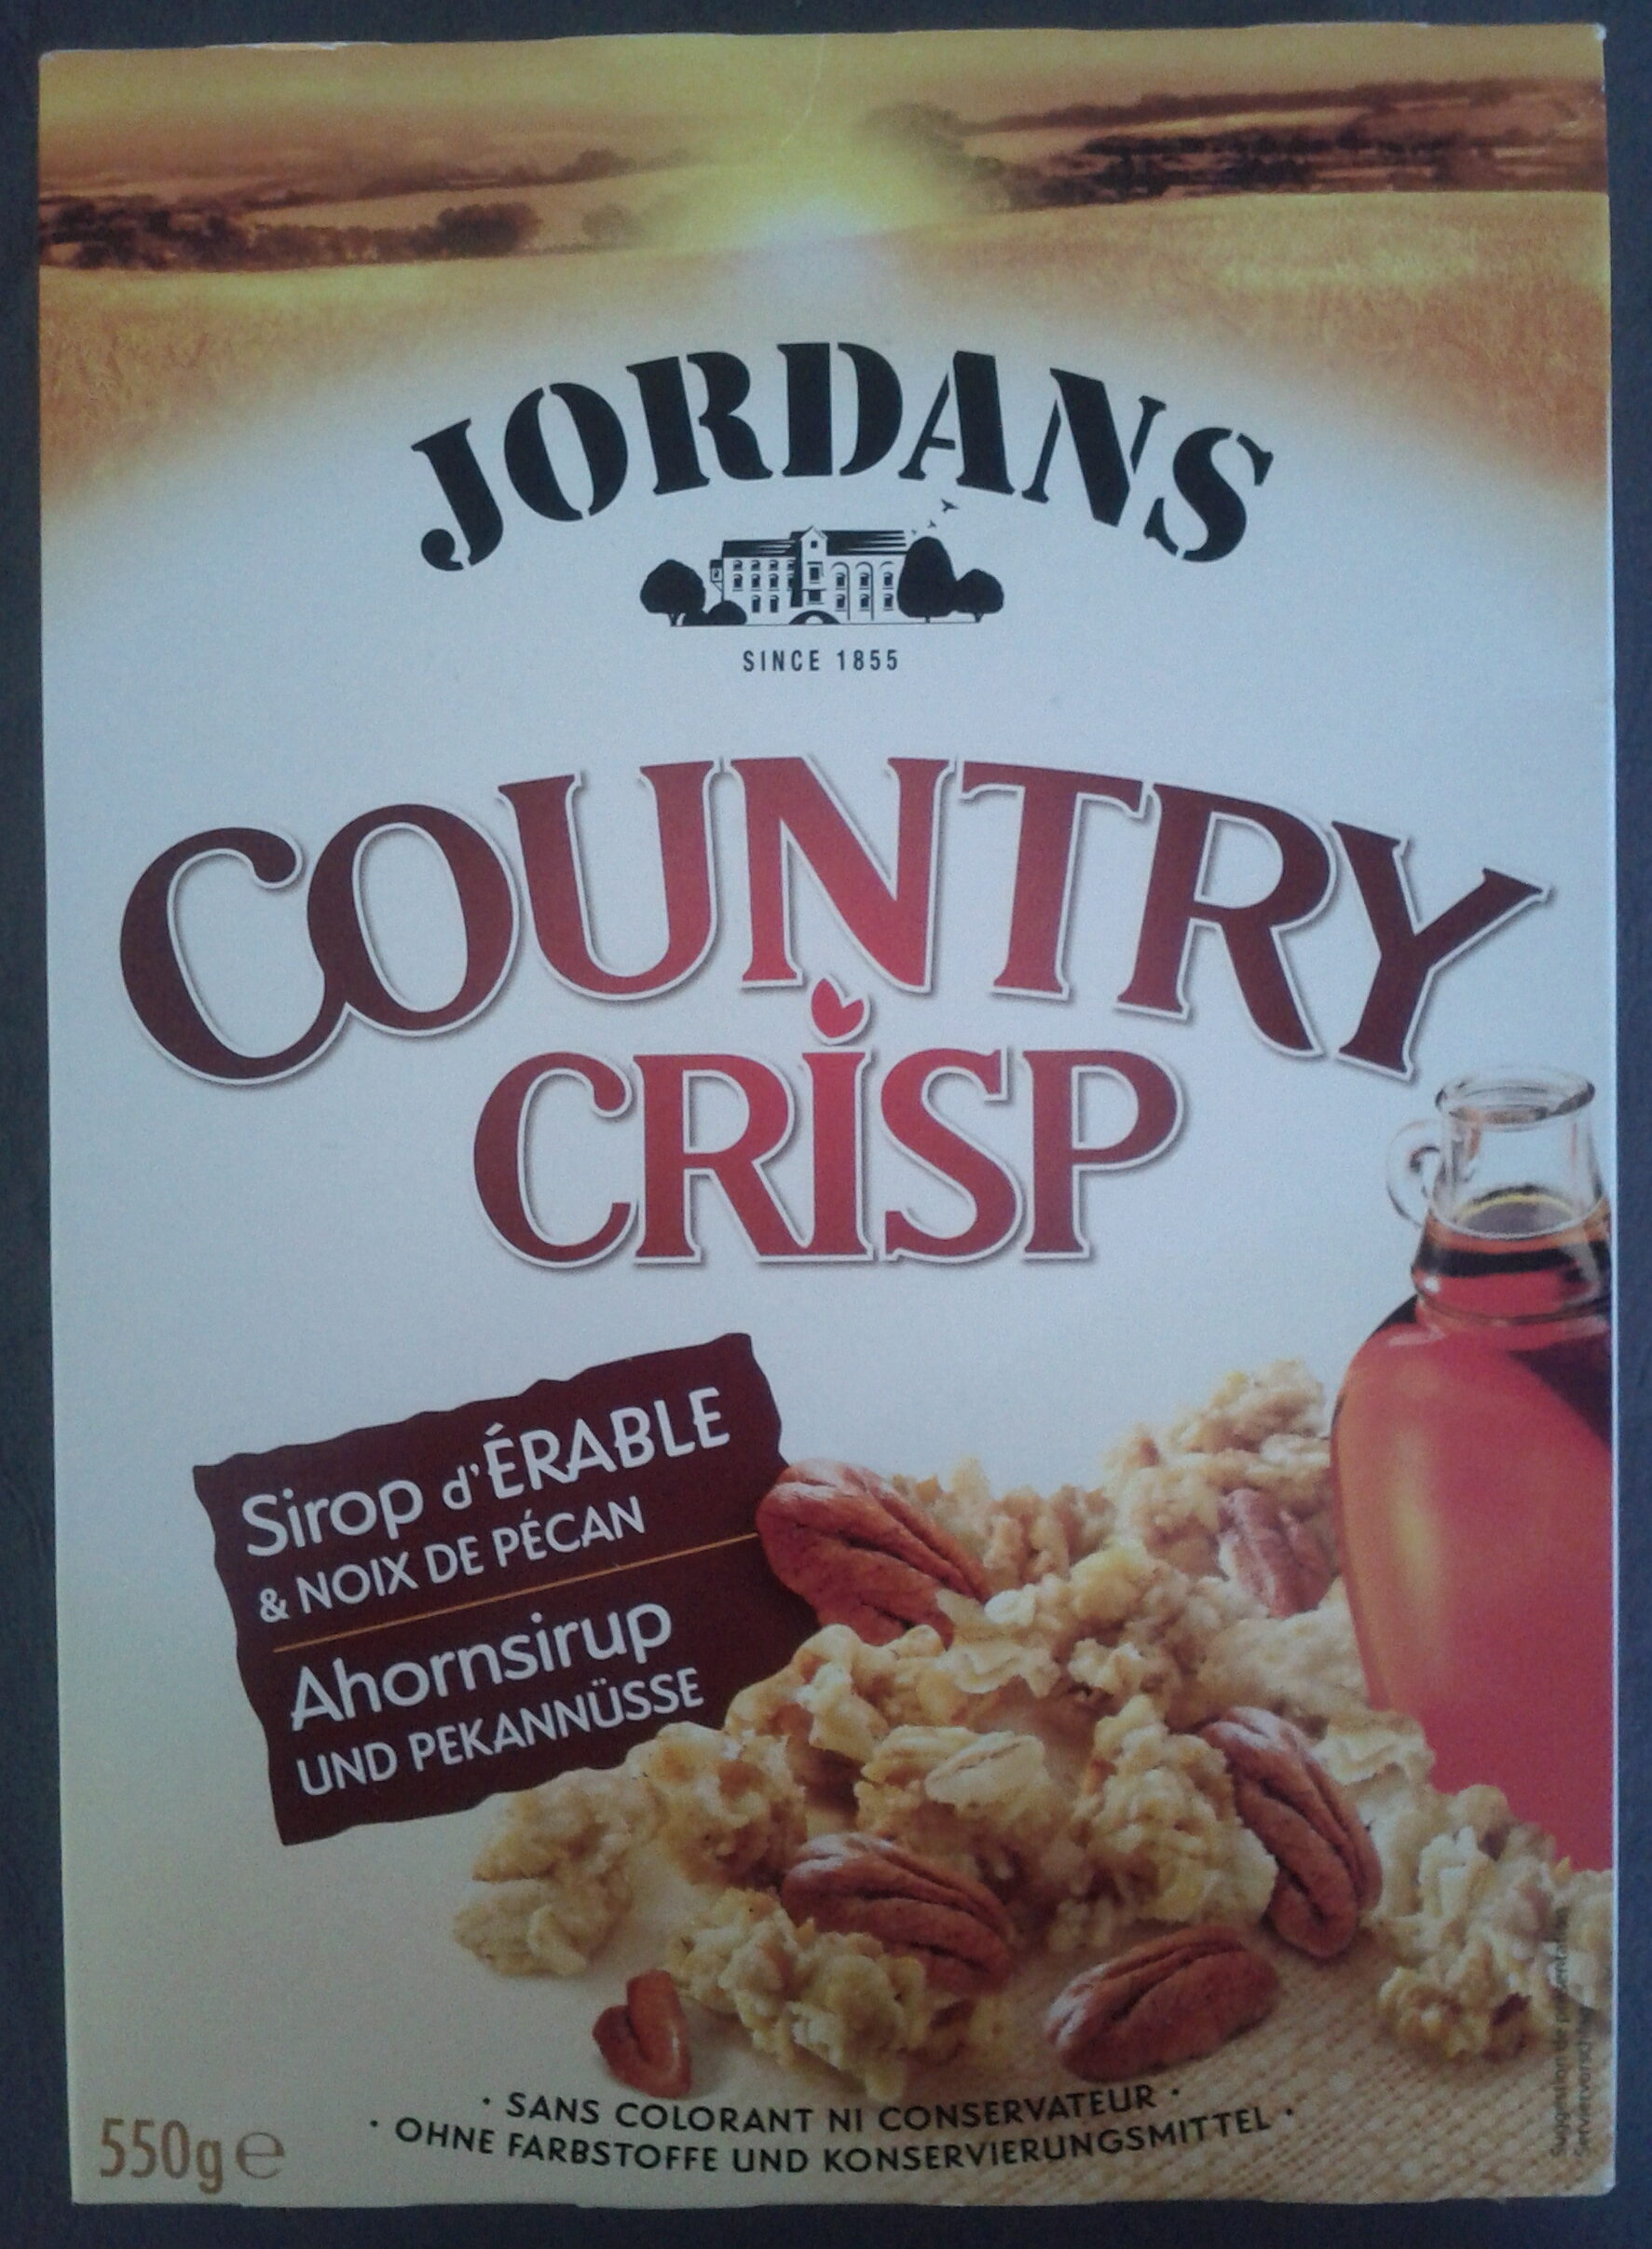 Country Crisp Sirop d'Erable & Noix de Pécan - Product - fr